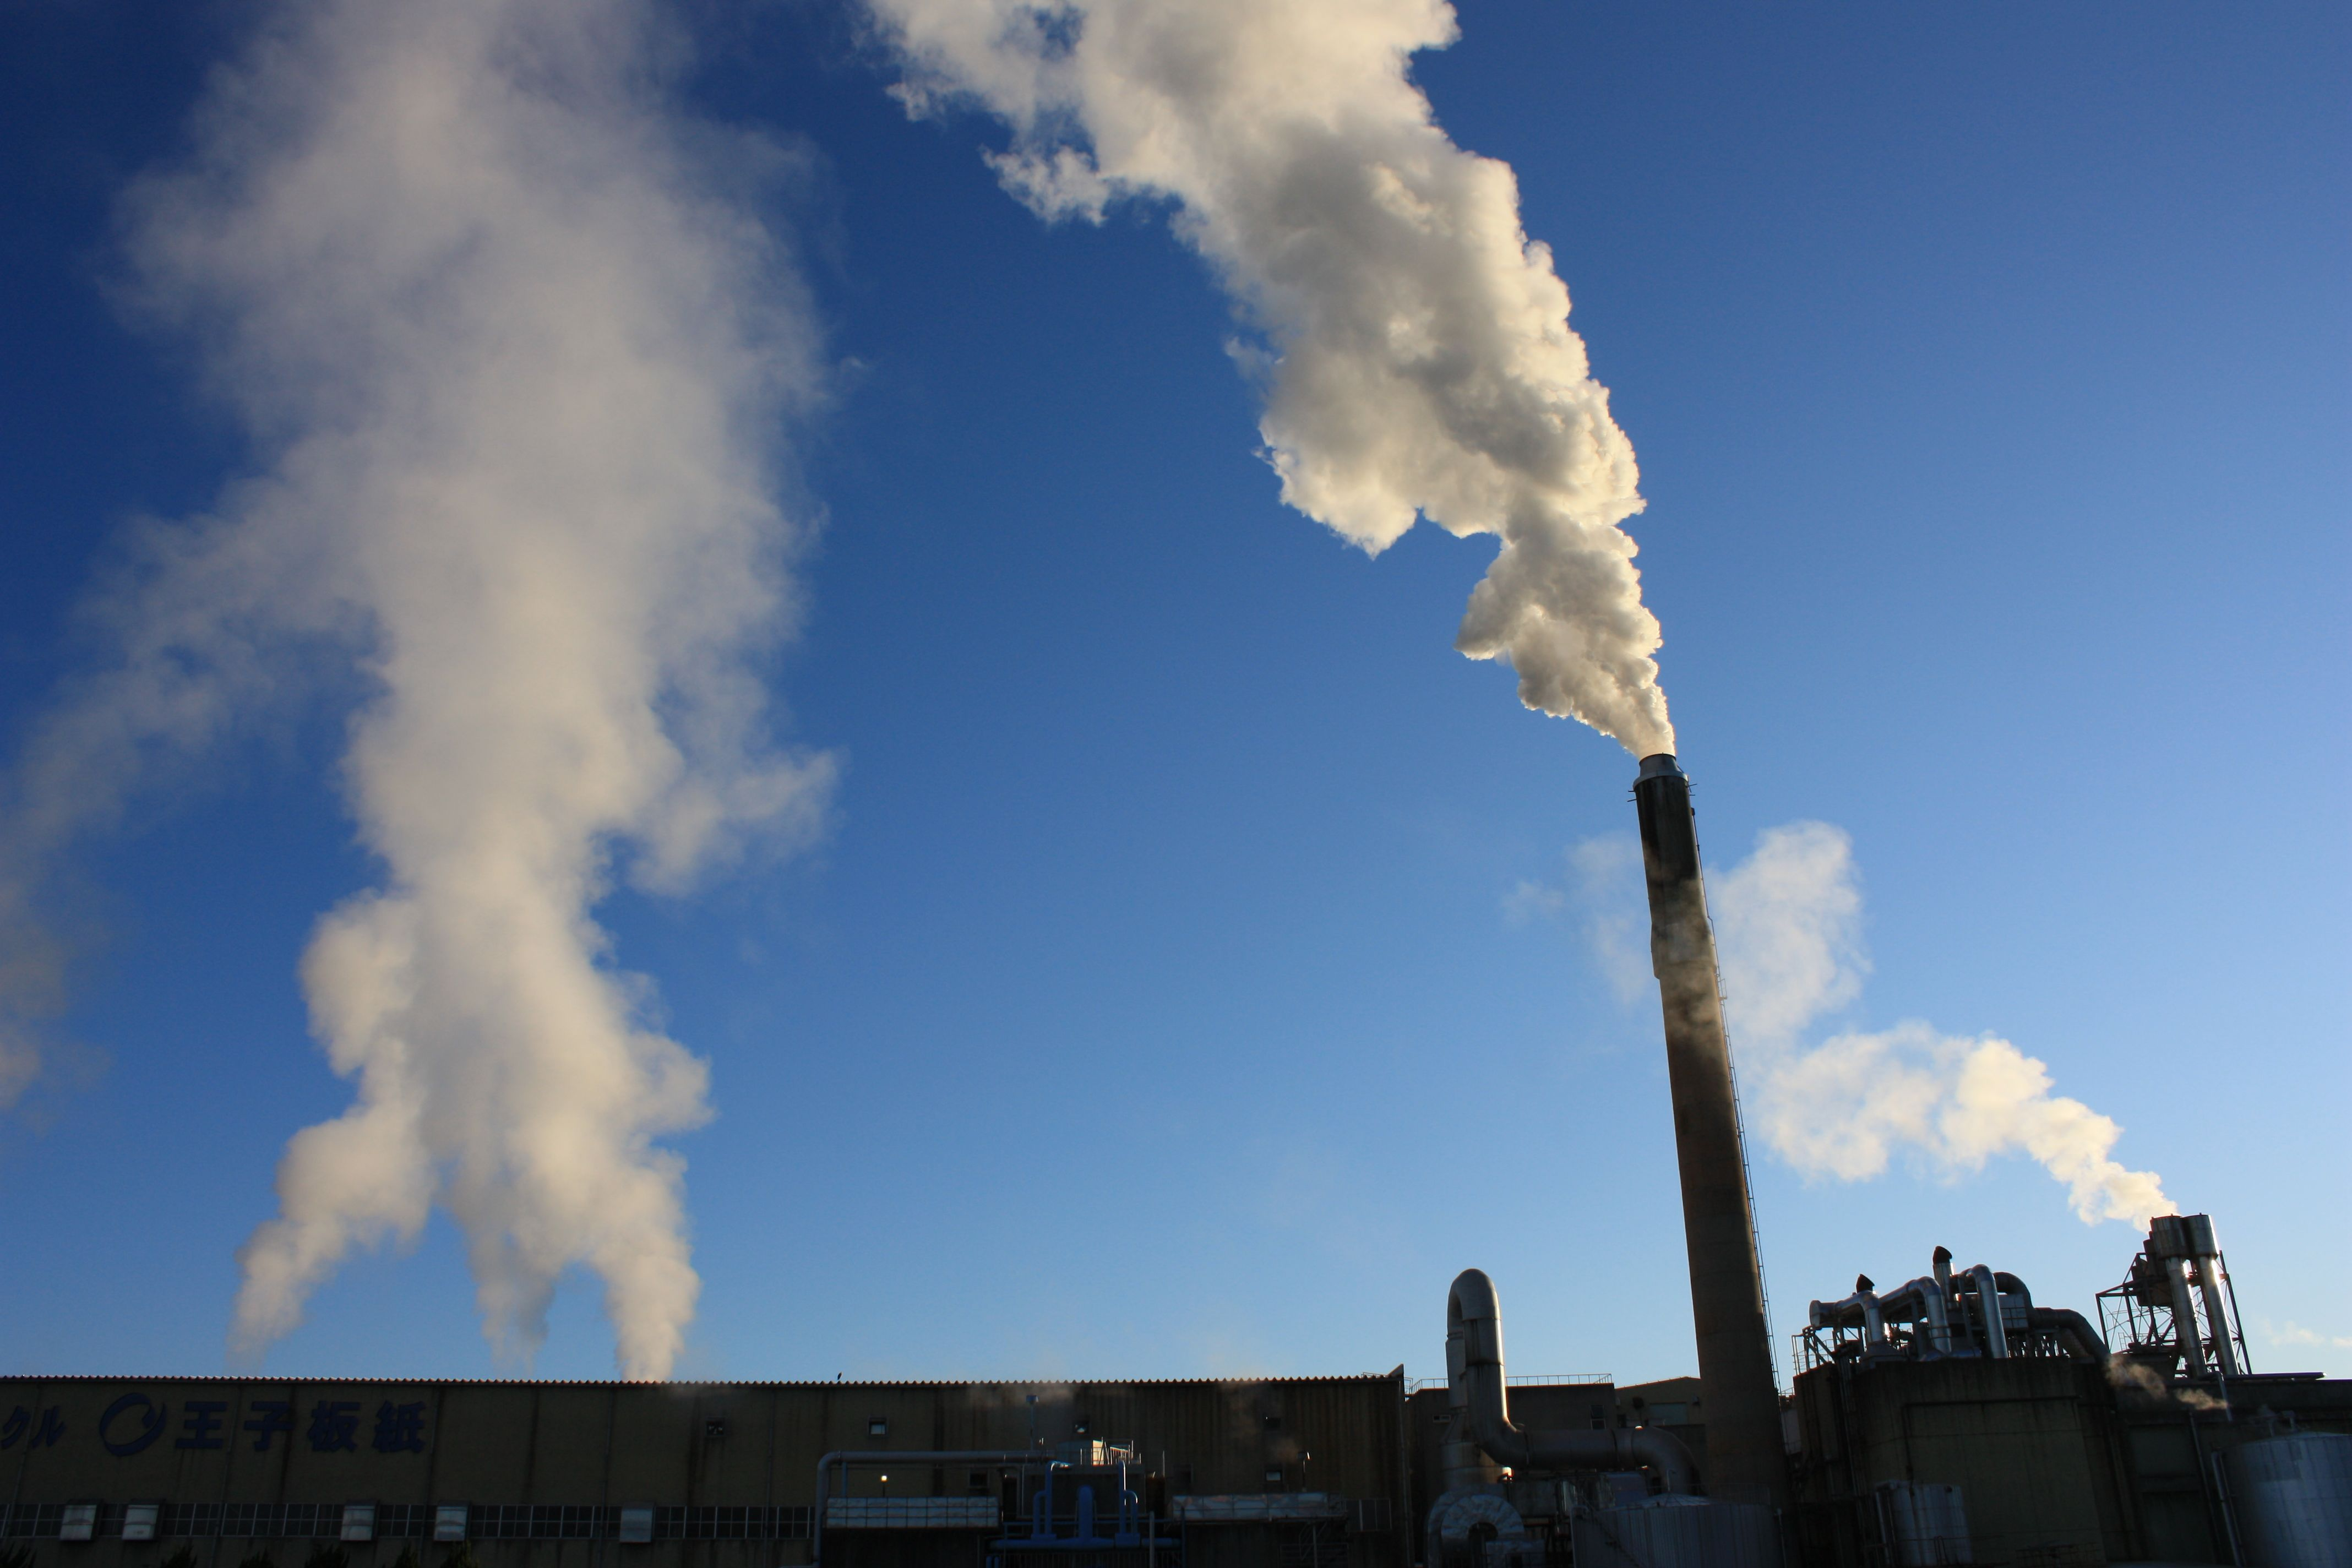 王子製紙恵那工場の煙突から白い煙